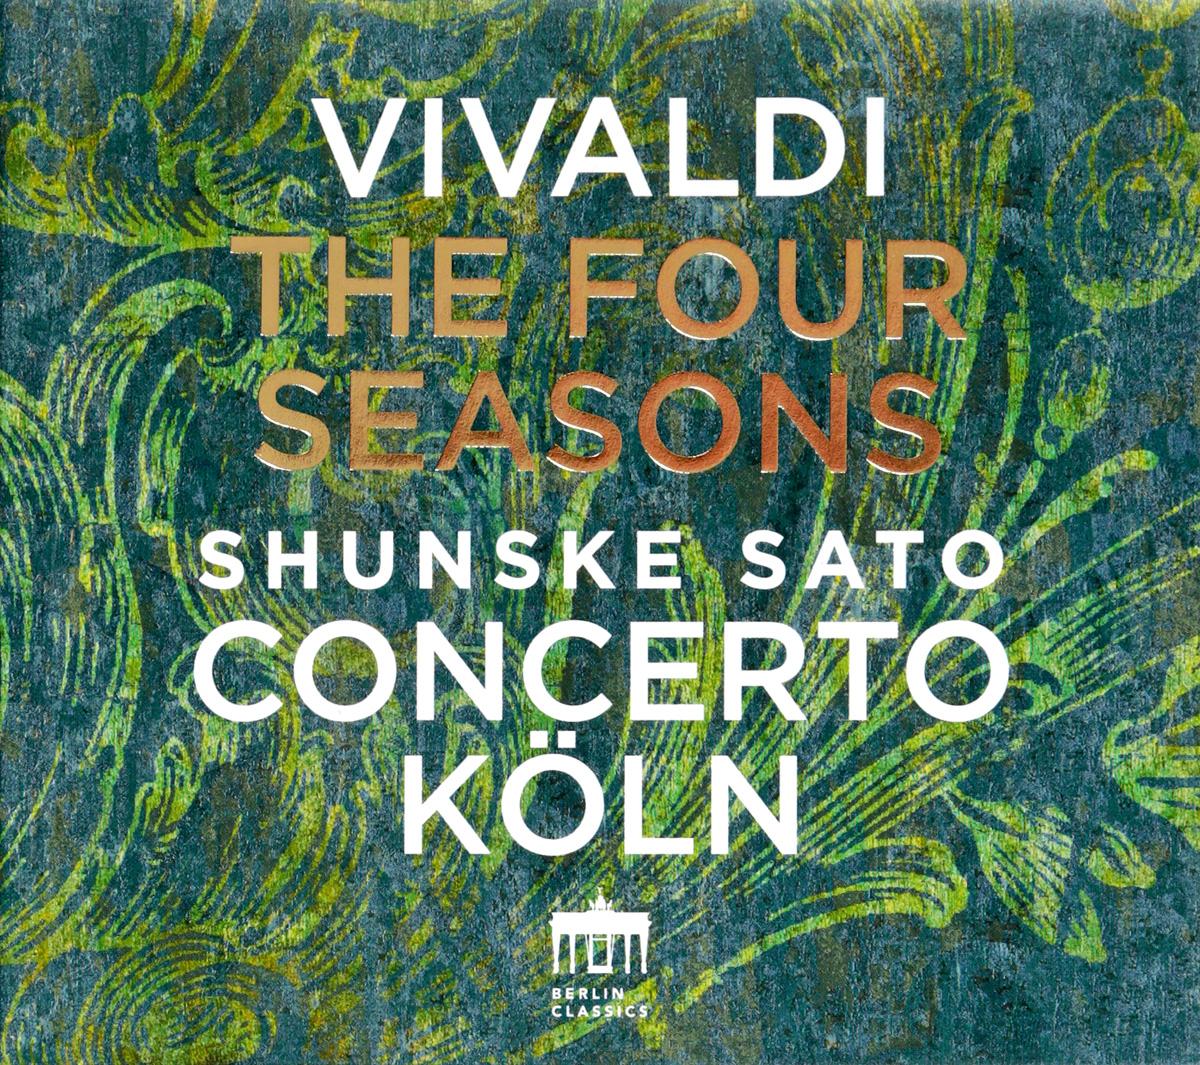 Sato Shunske Shunske Sato Concerto Koln. Antonio Vivaldi. The Four Seasons vivaldi vivalditrevor pinnock the four seasons